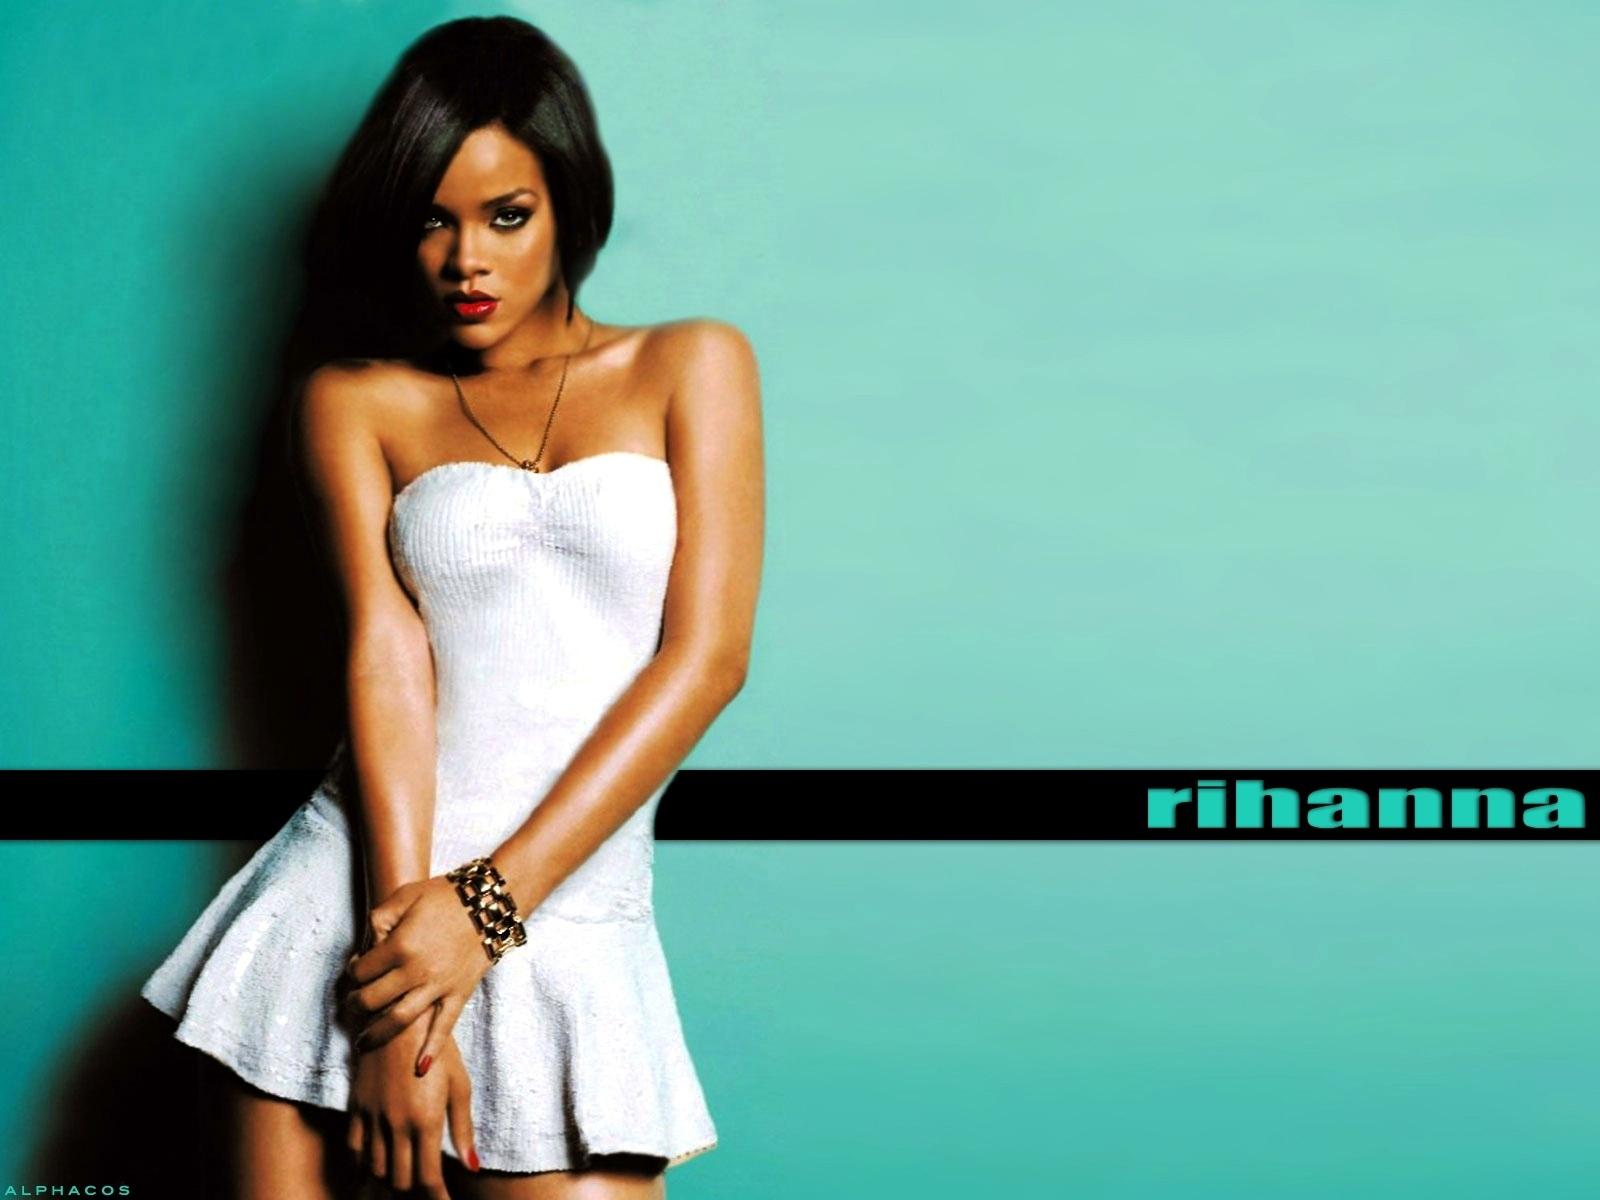 rihanna   Rihanna Wallpaper 1453207 1600x1200